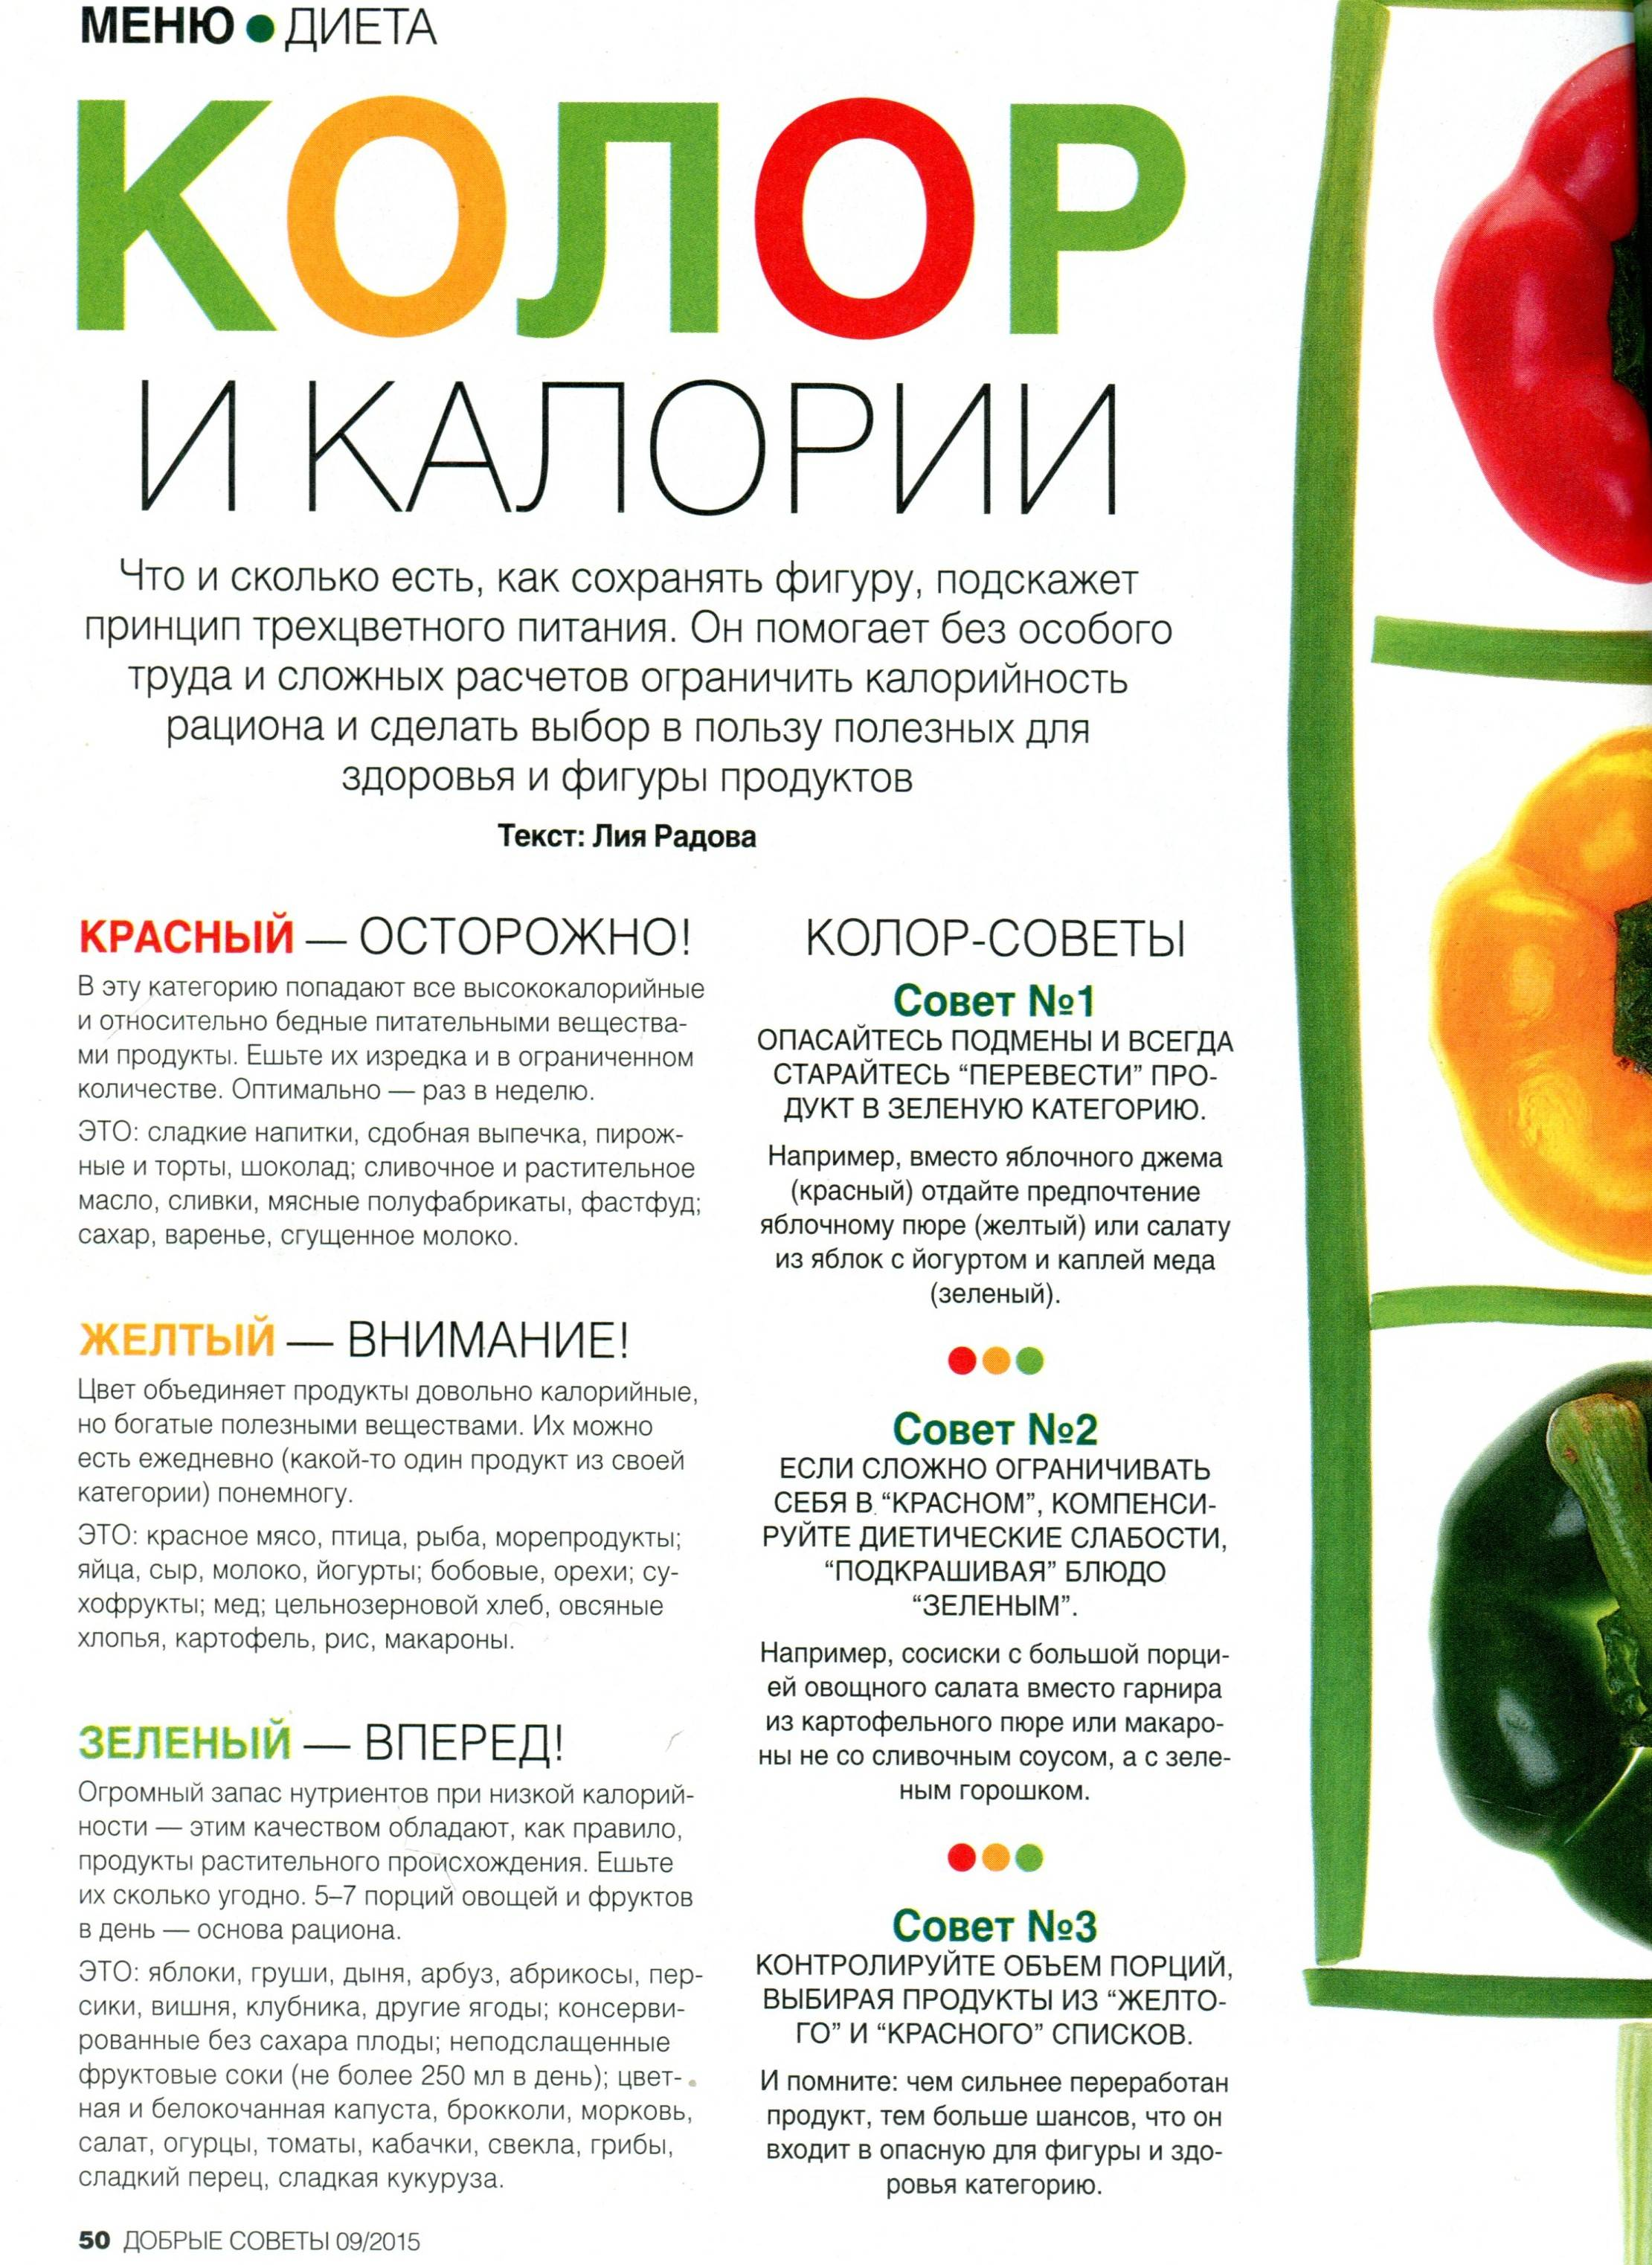 Сколько калорий в яблоке: в одном зеленом, красном, в сушеных